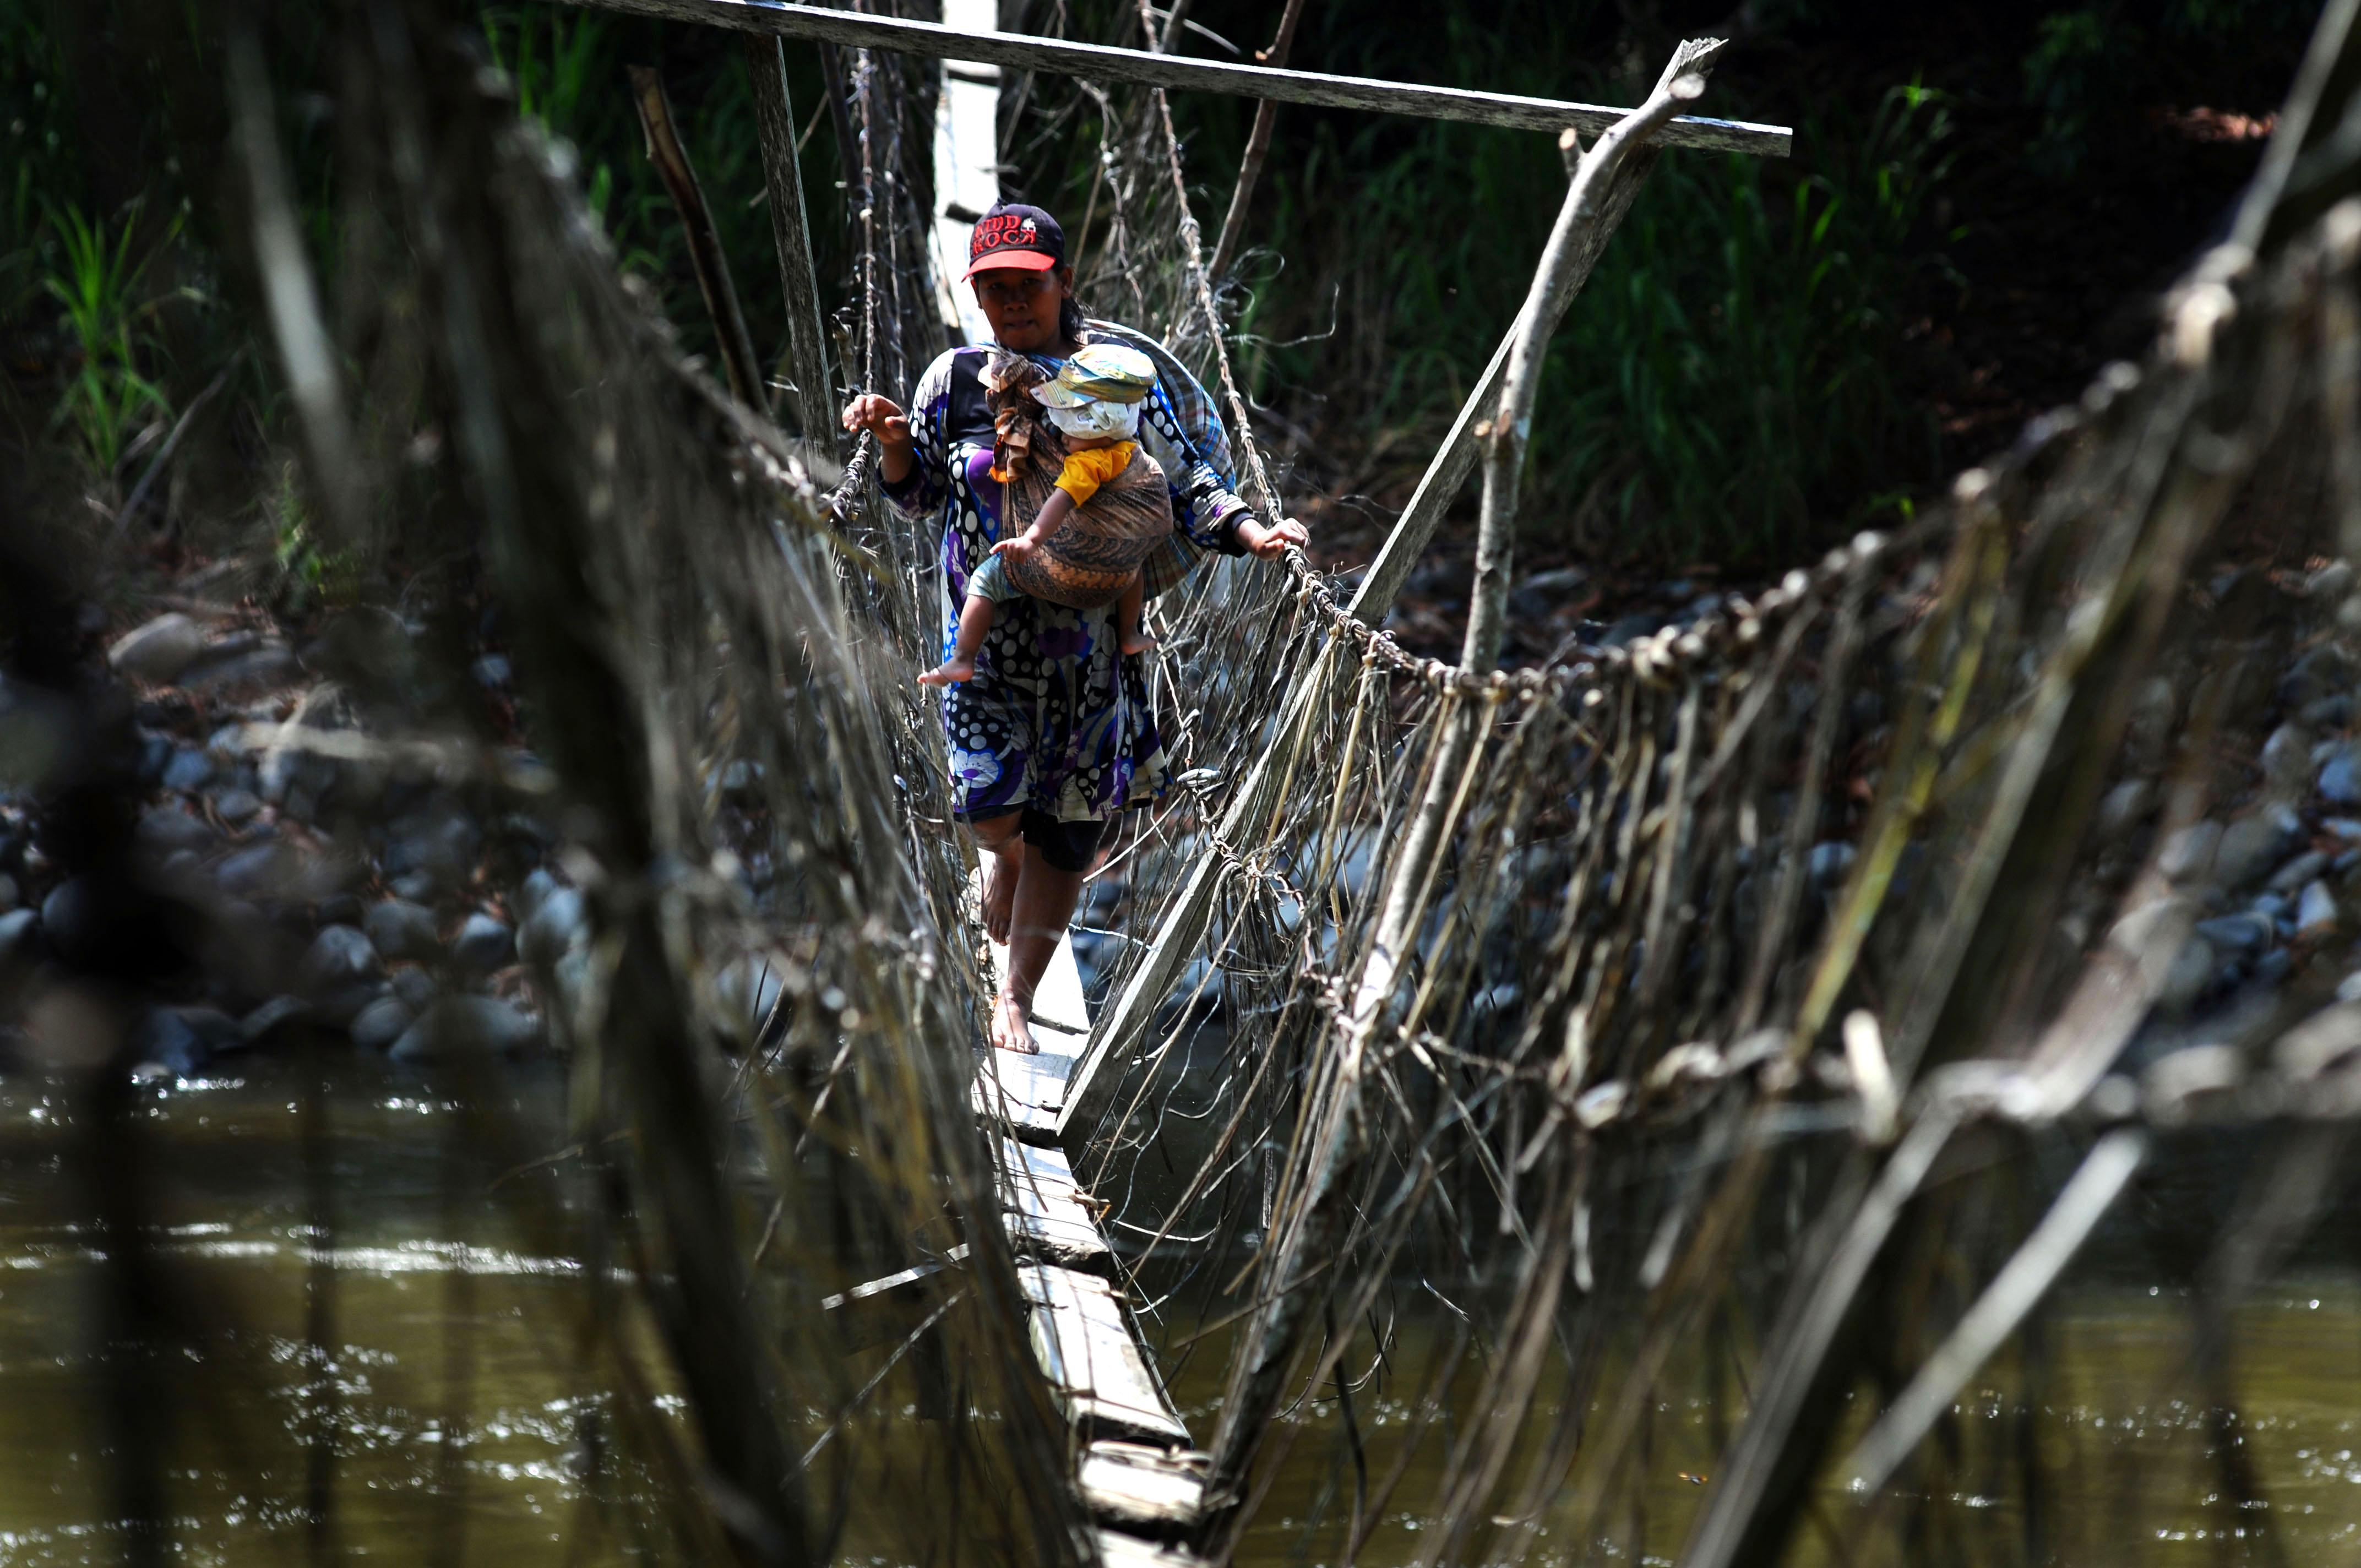 Seorang ibu sambil menggendong anaknya meniti jembatan darurat  di Desa Makujawa, Gimpu, Sigi, Sulawesi Tengah, Sabtu (7/11). Jembatan darurat yang panjangnya kurang lebih 300 meter itu satu-satunya akses untuk menuju dusun satu Wahi dan perkebunan masyarakat. ANTARA FOTO/Fiqman Sunandar.